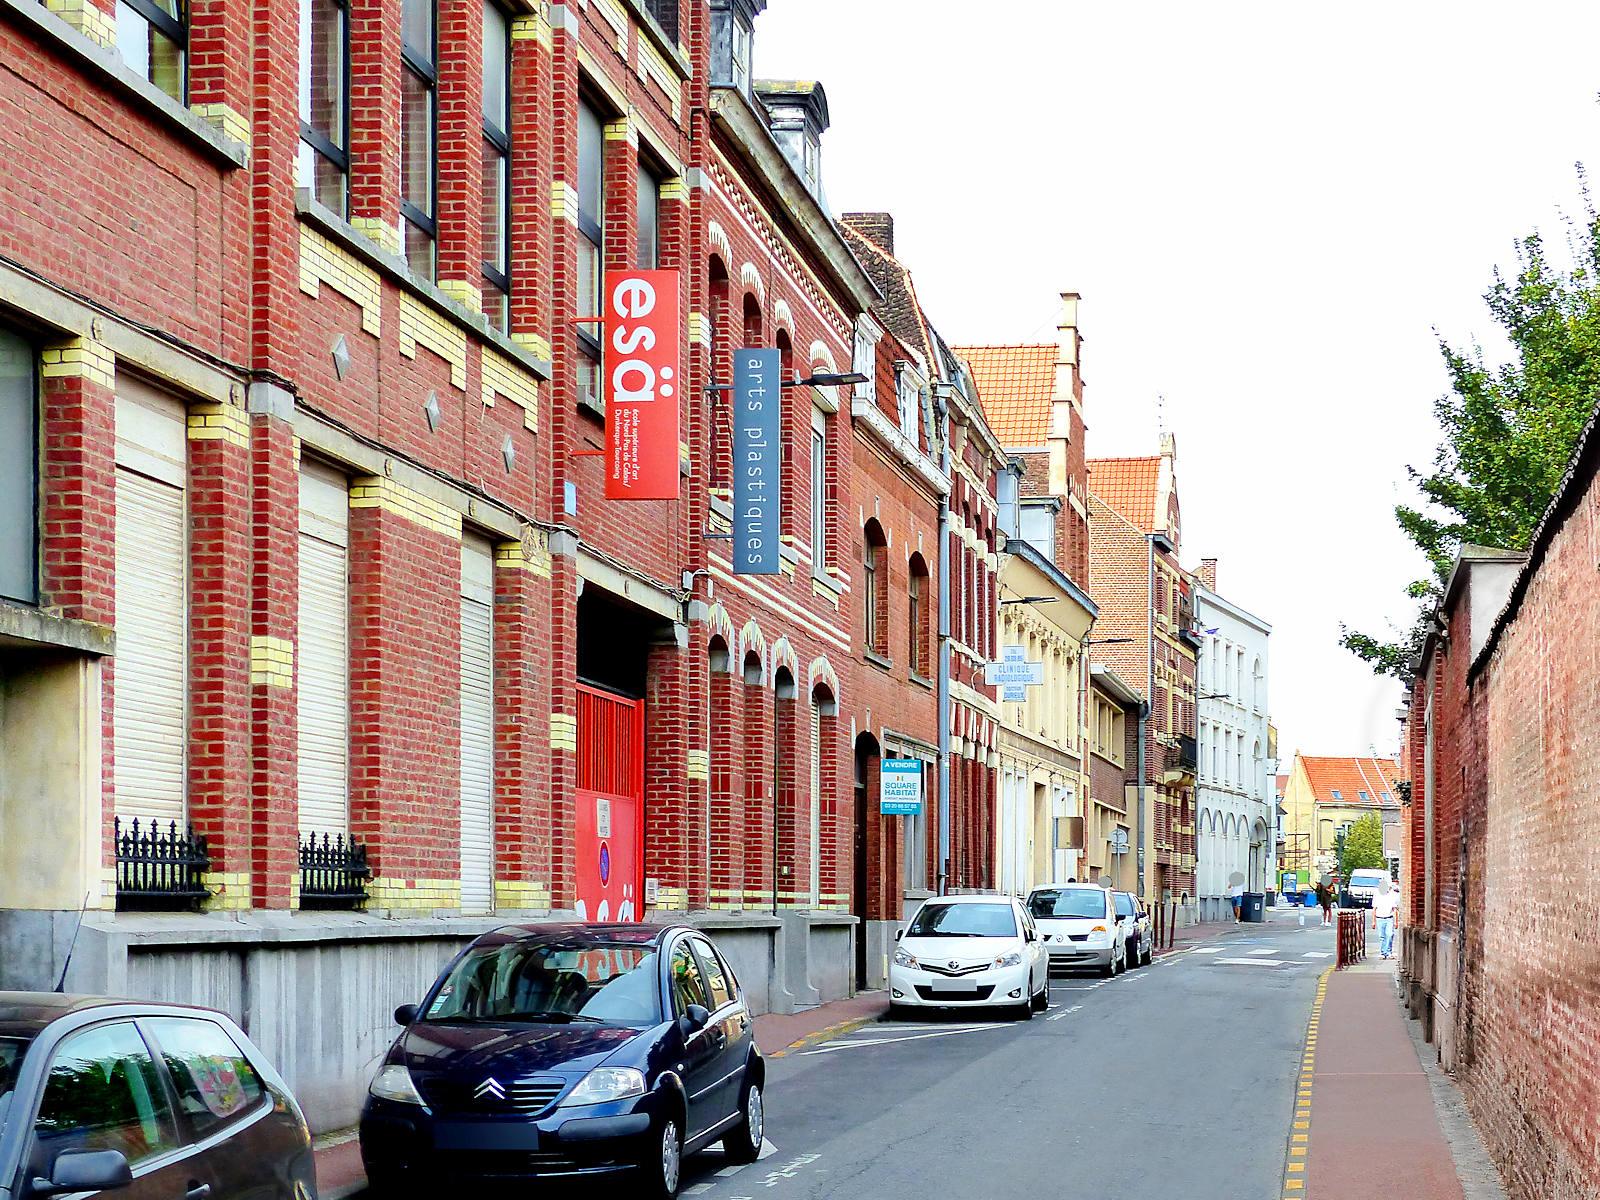 ESA école supérieure d'arts - Tourcoing, Rue des Ursulines